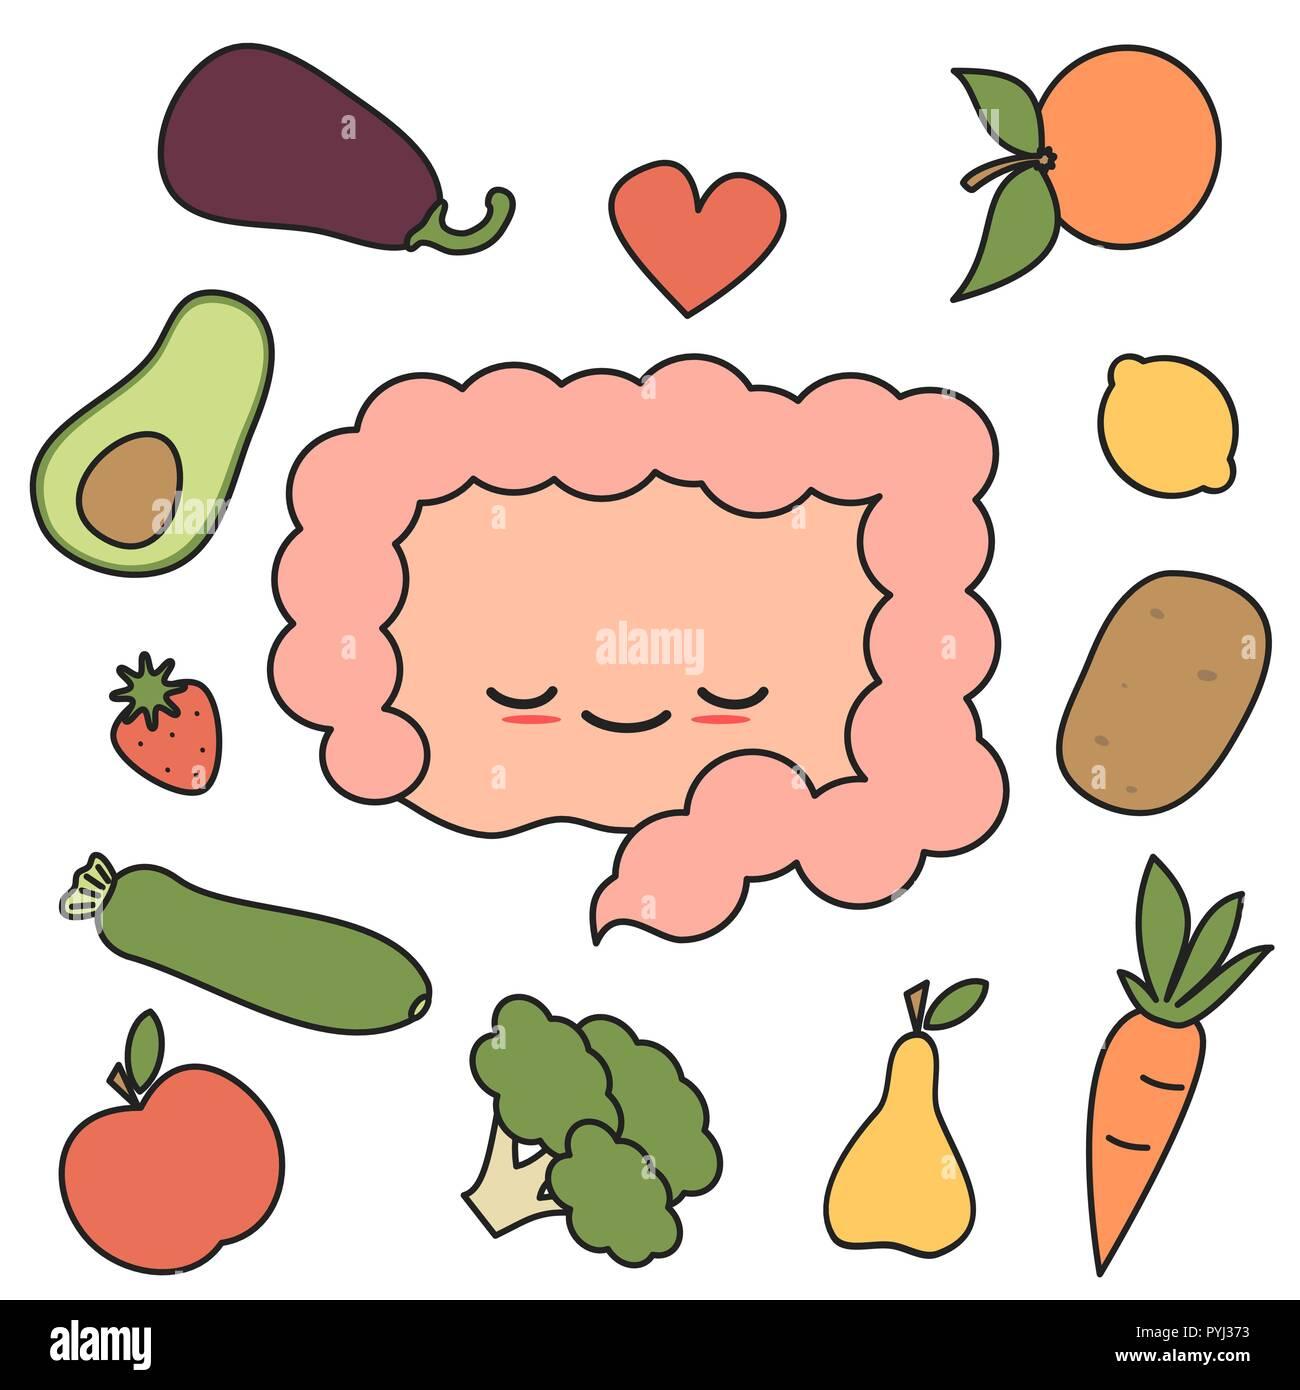 Cute Dibujos Animados Intestino Feliz Y Saludable Con Frutas